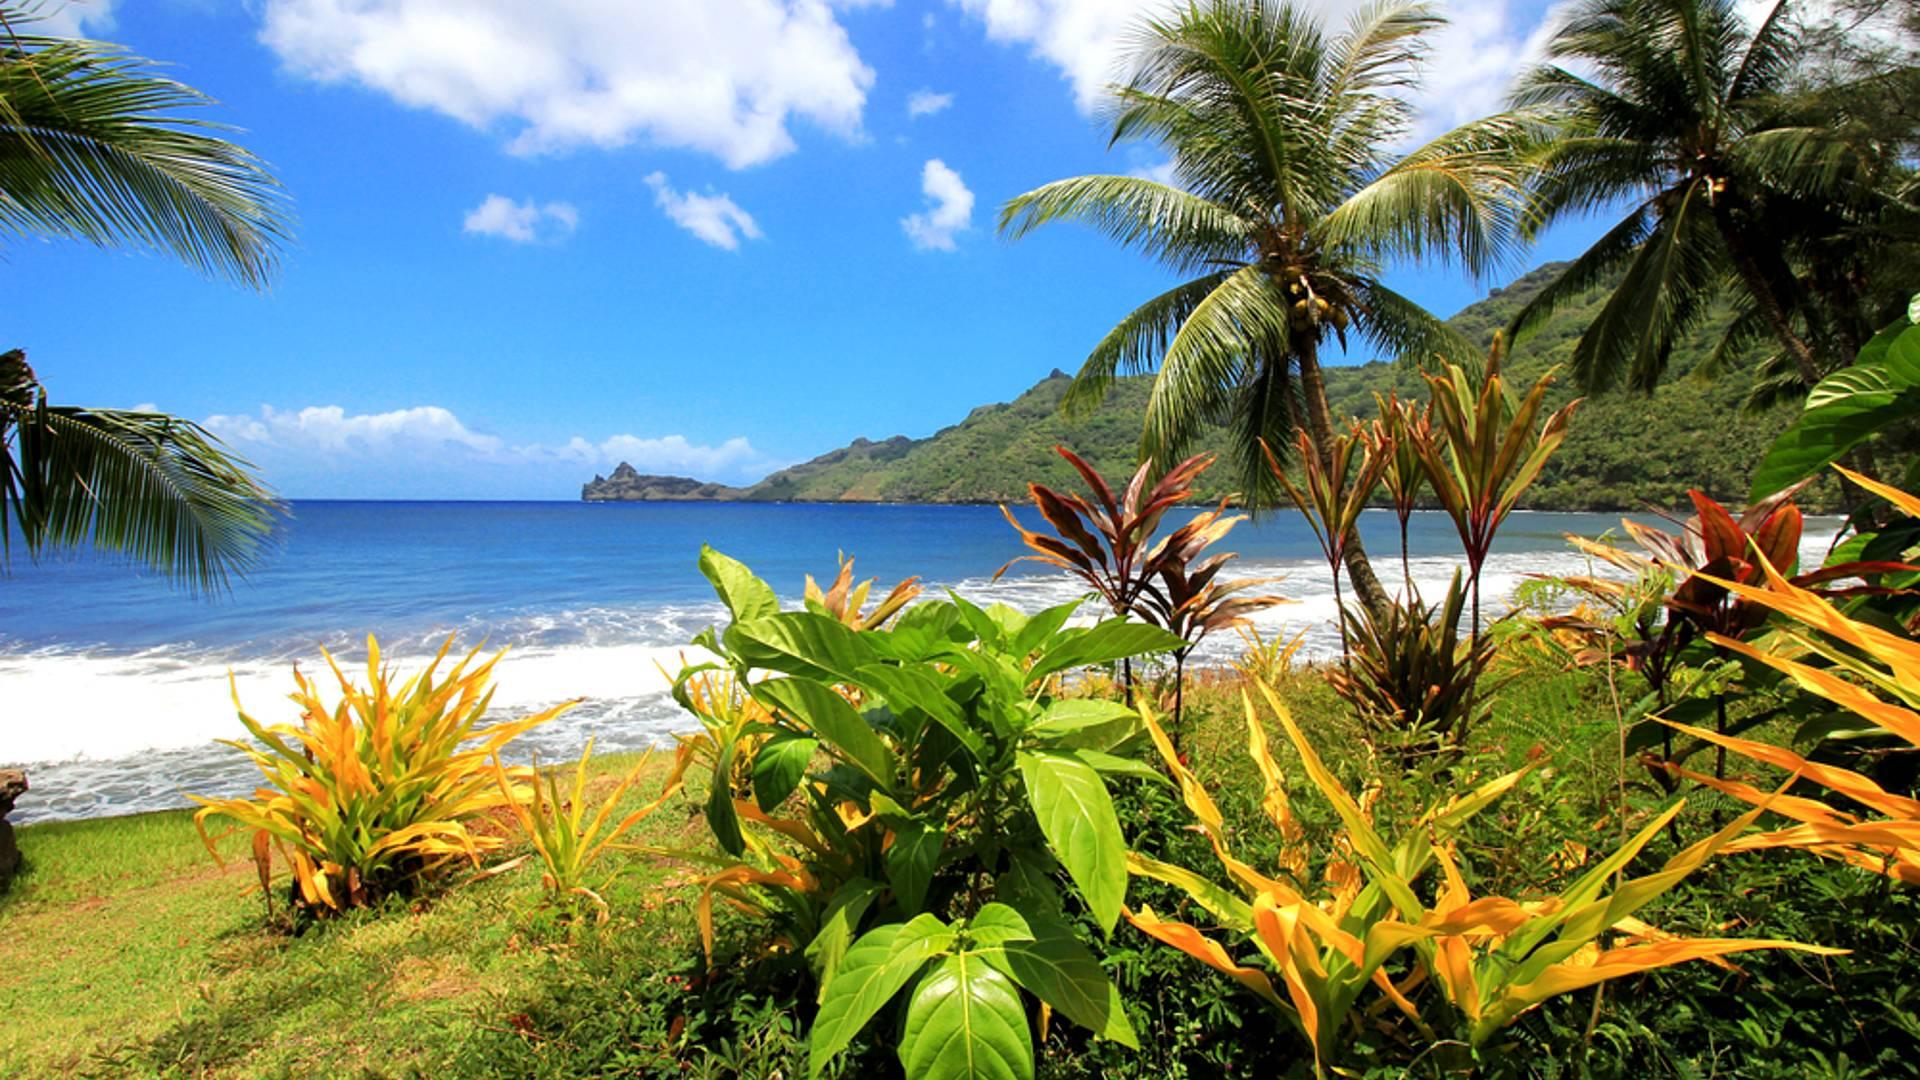 Du bleu lagon de Moorea au vert de l'archipel sauvage des Marquises